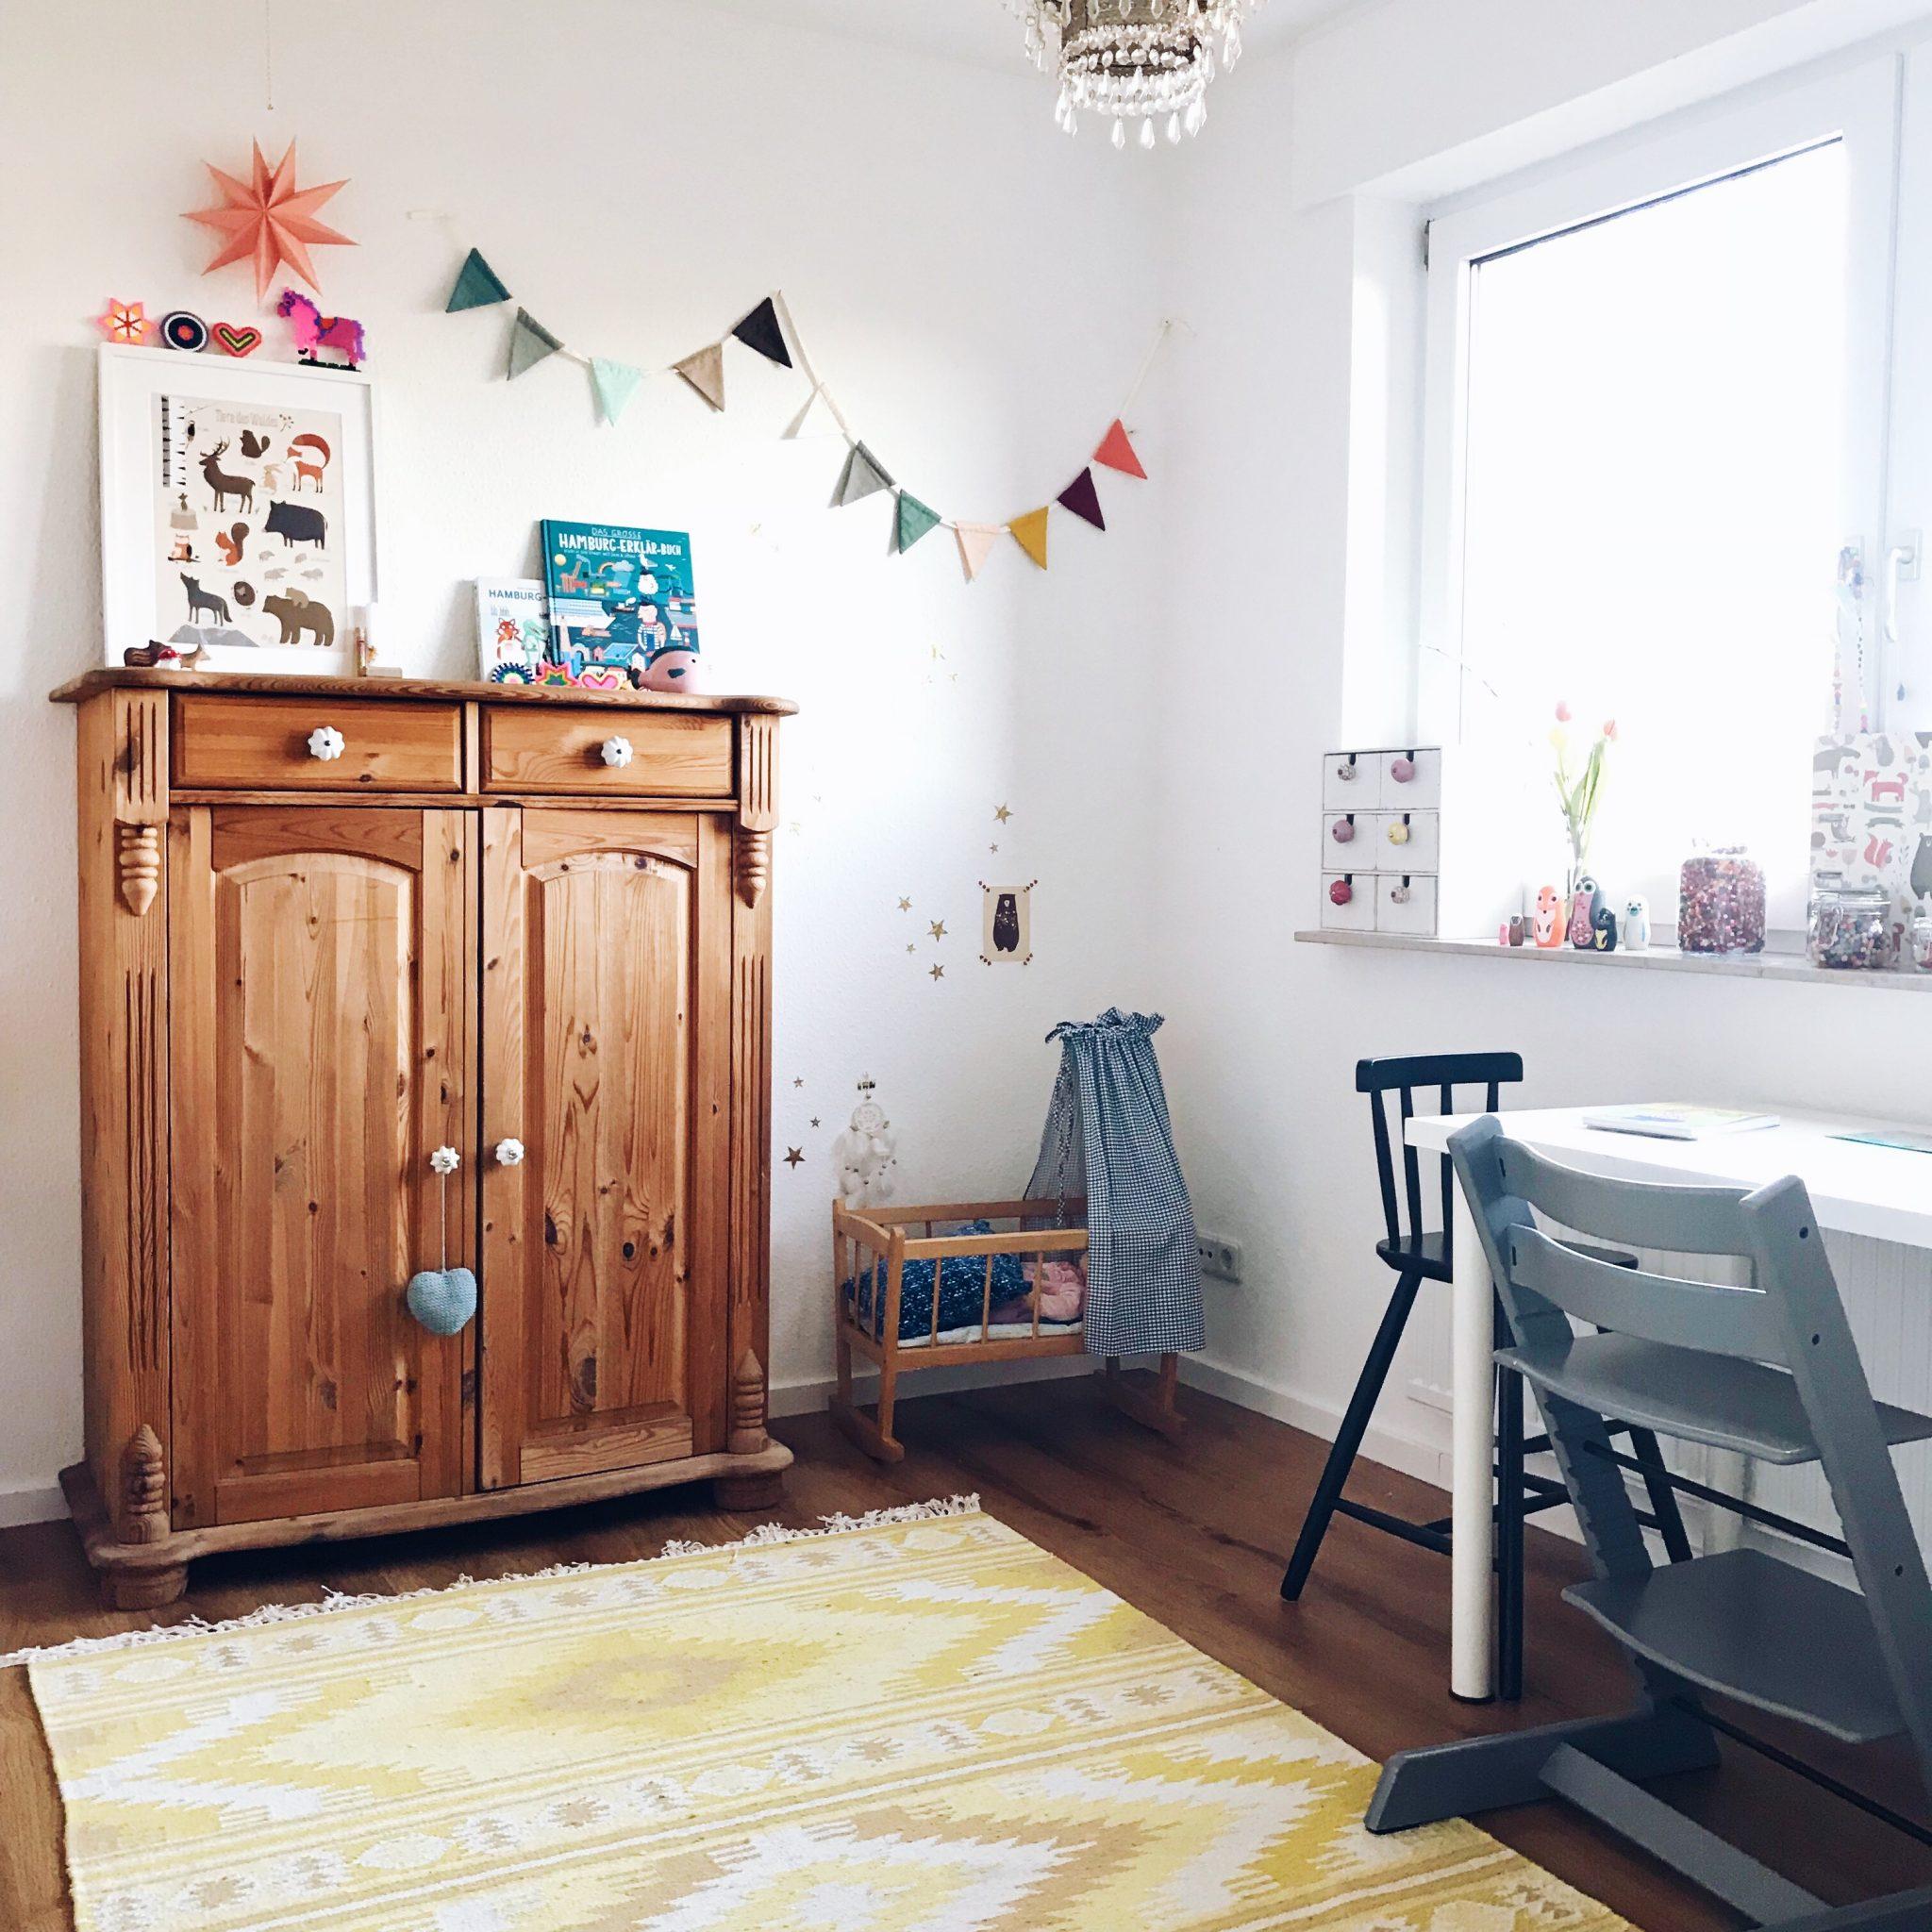 Kinderzimmer kidsroom ei richtungsideen spielzimmer for Gemeinsames kinderzimmer